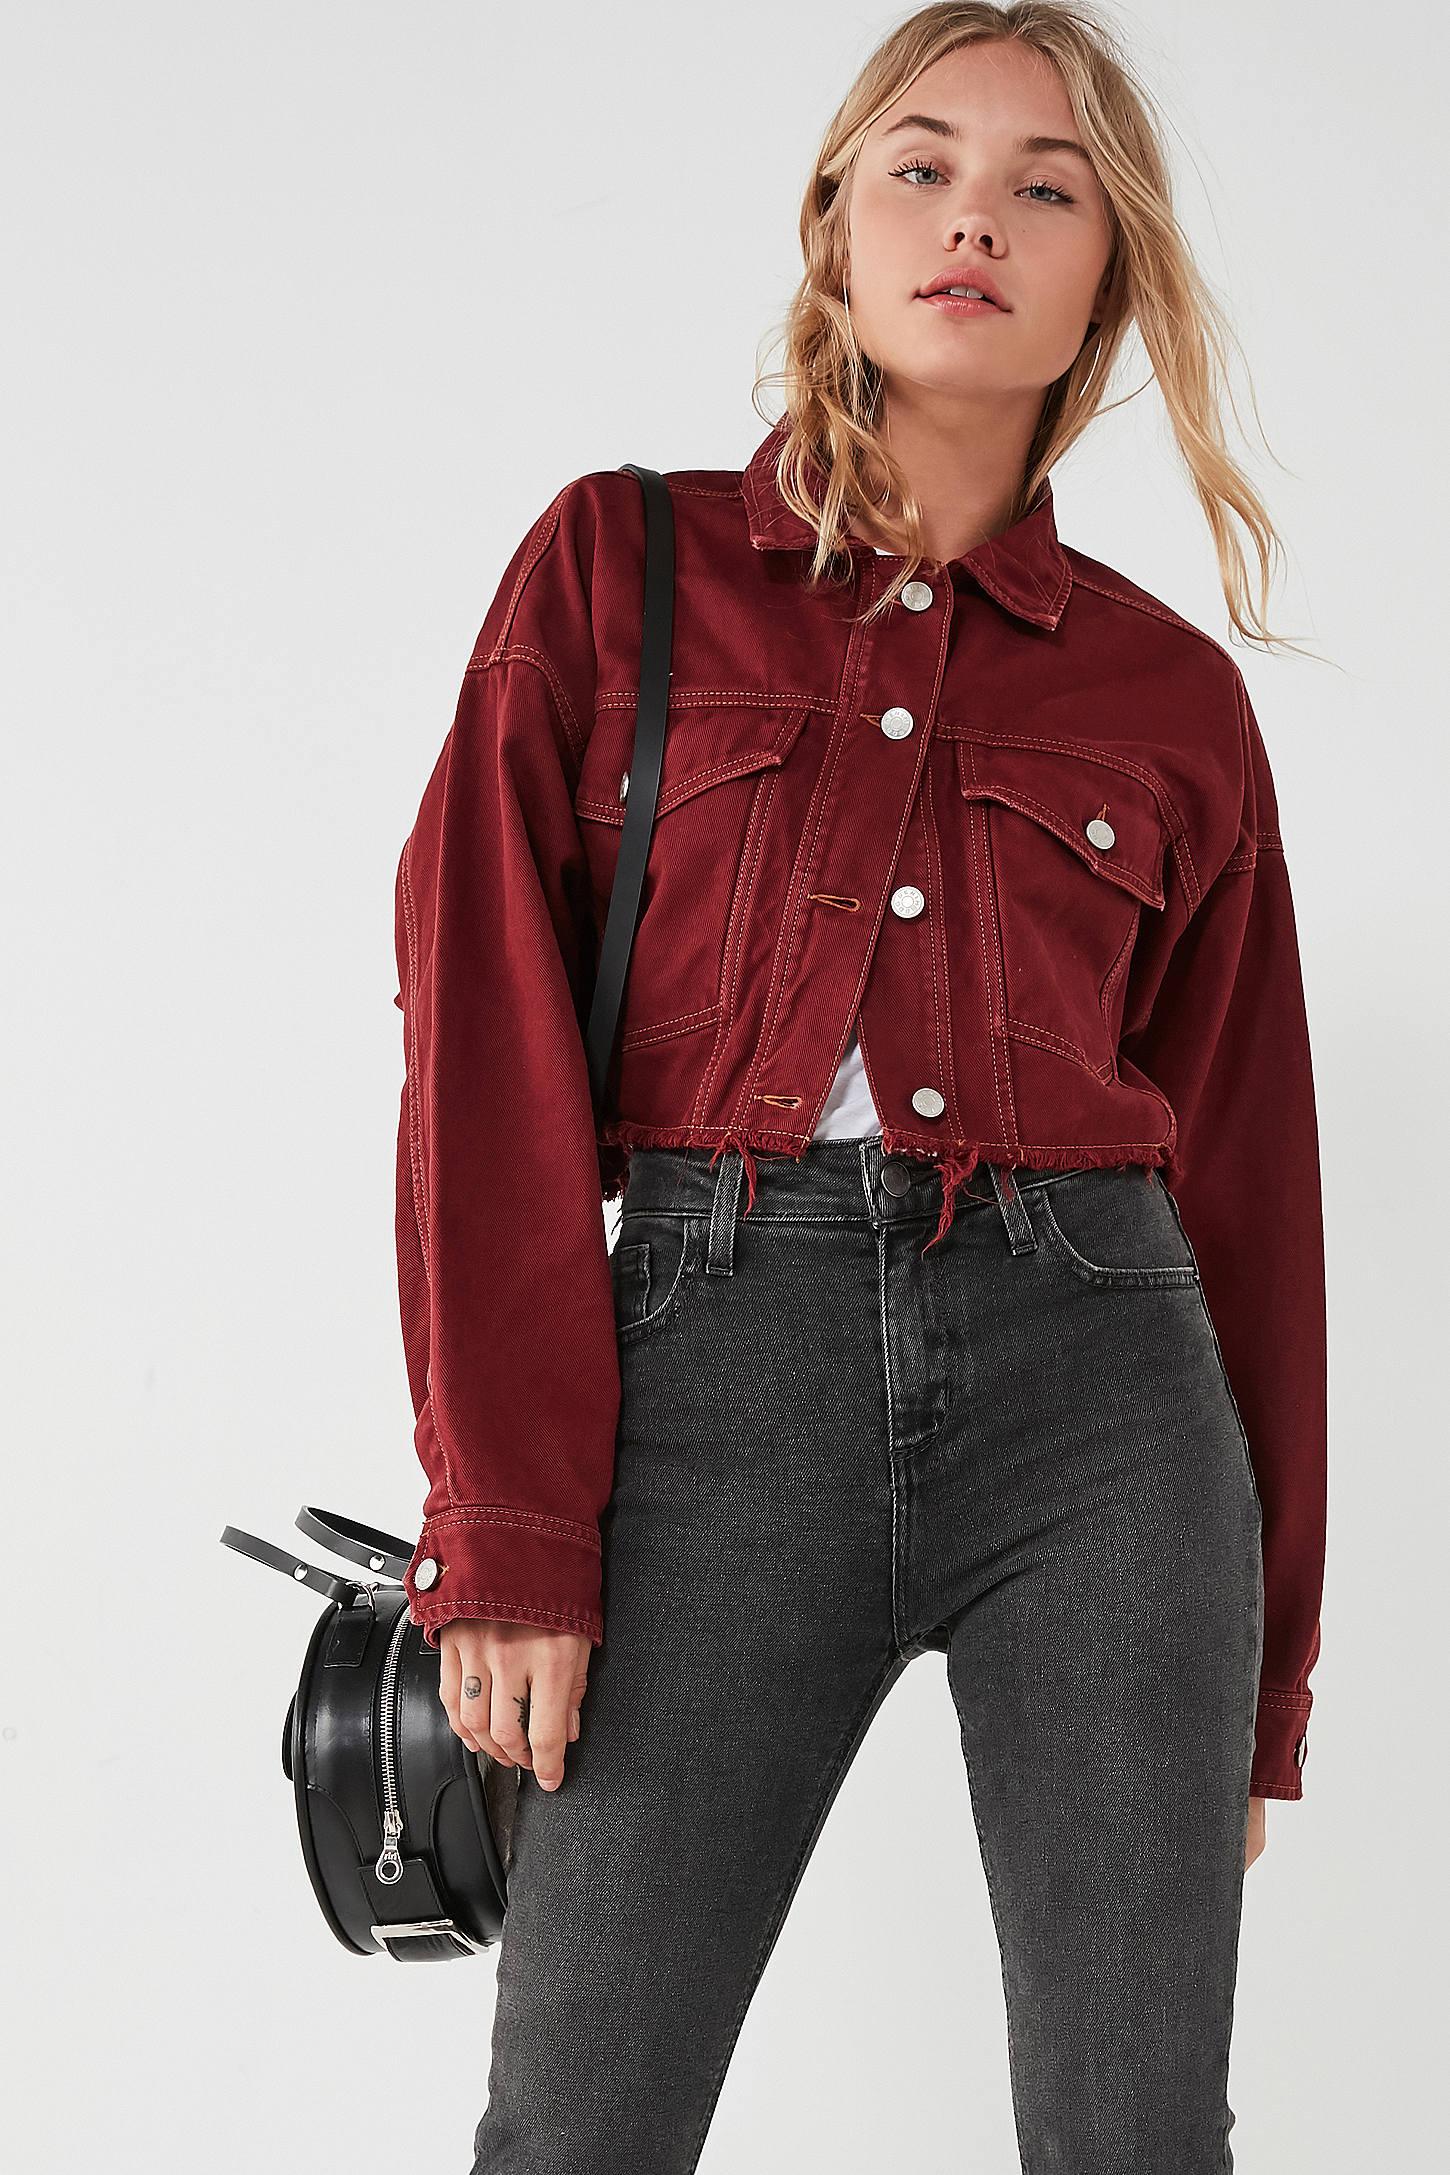 6bd5c2b917d Urban Outfitters Denim Shirt Dress